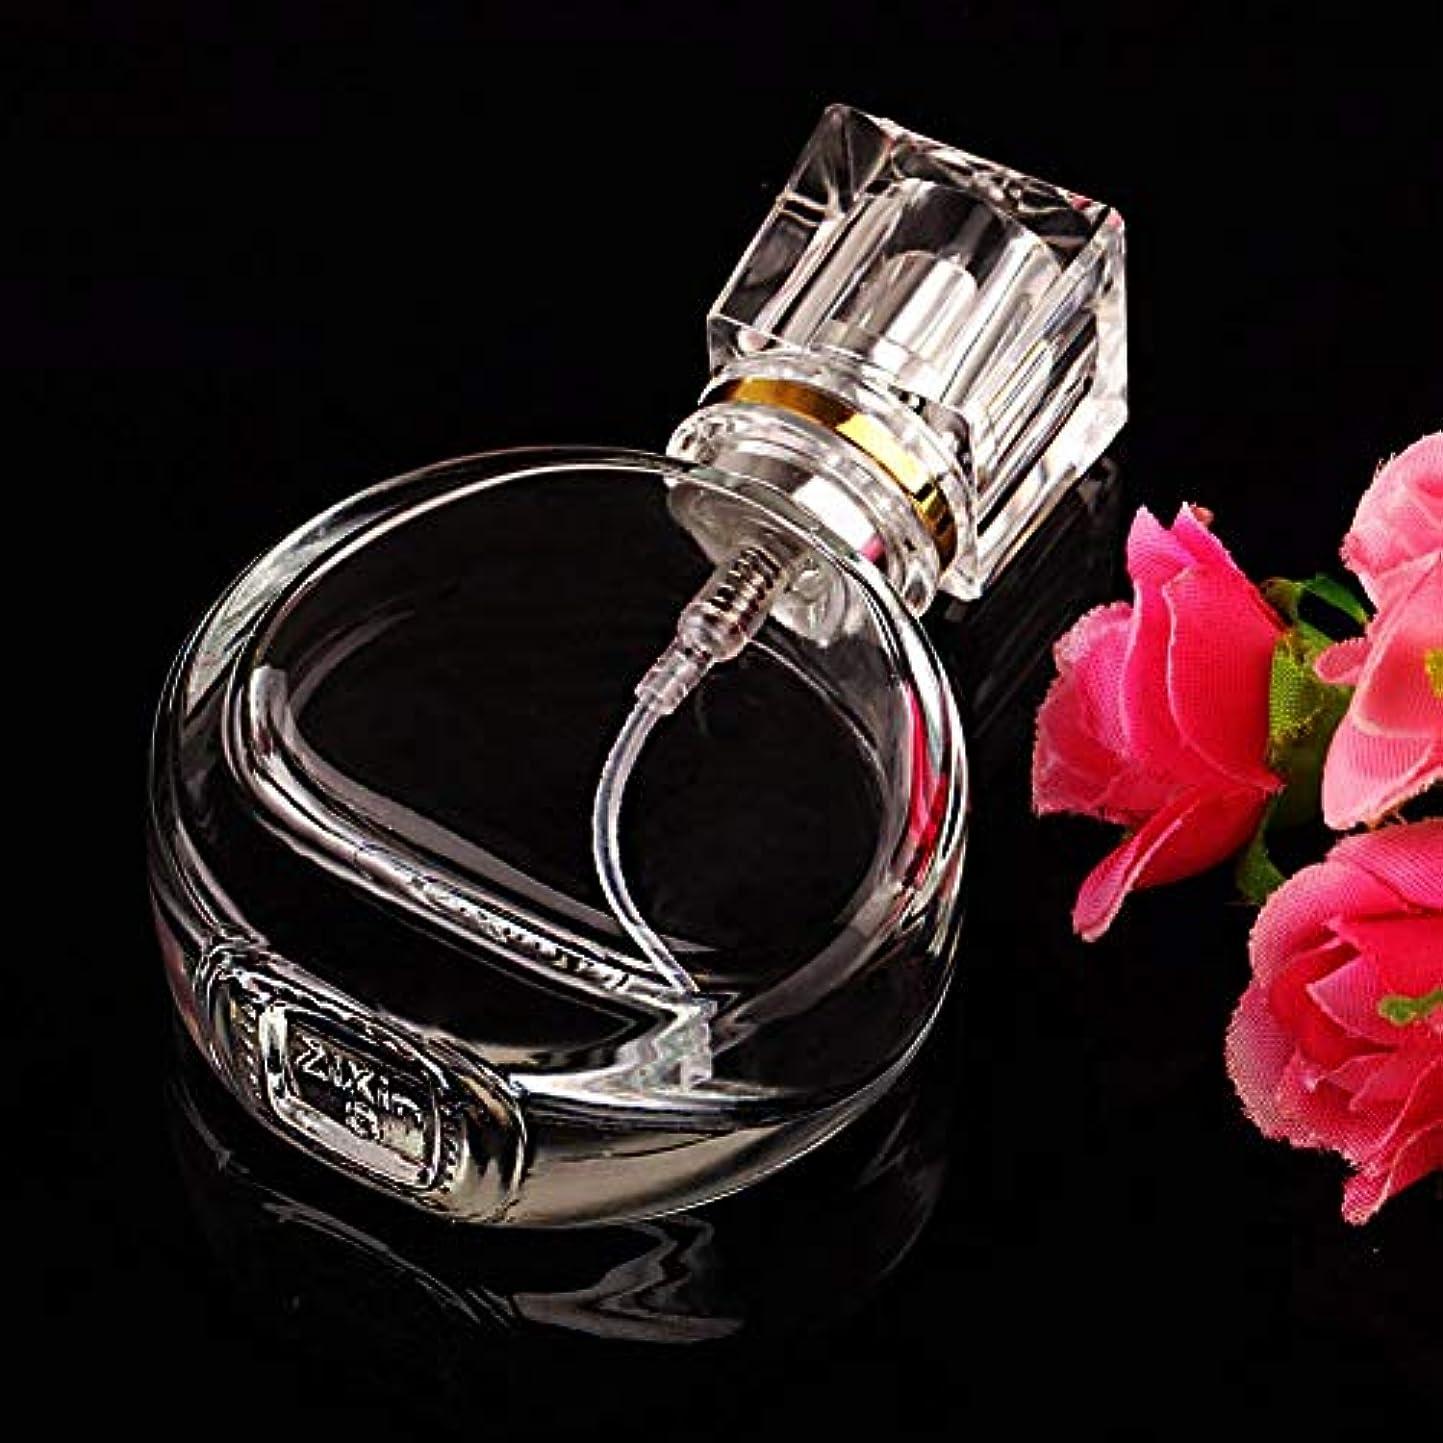 古いマリン交換VERY100 高品質ガラスボトル 香水瓶  アトマイザー  25ML 透明 シンプルデザイン ホーム飾り 装飾雑貨